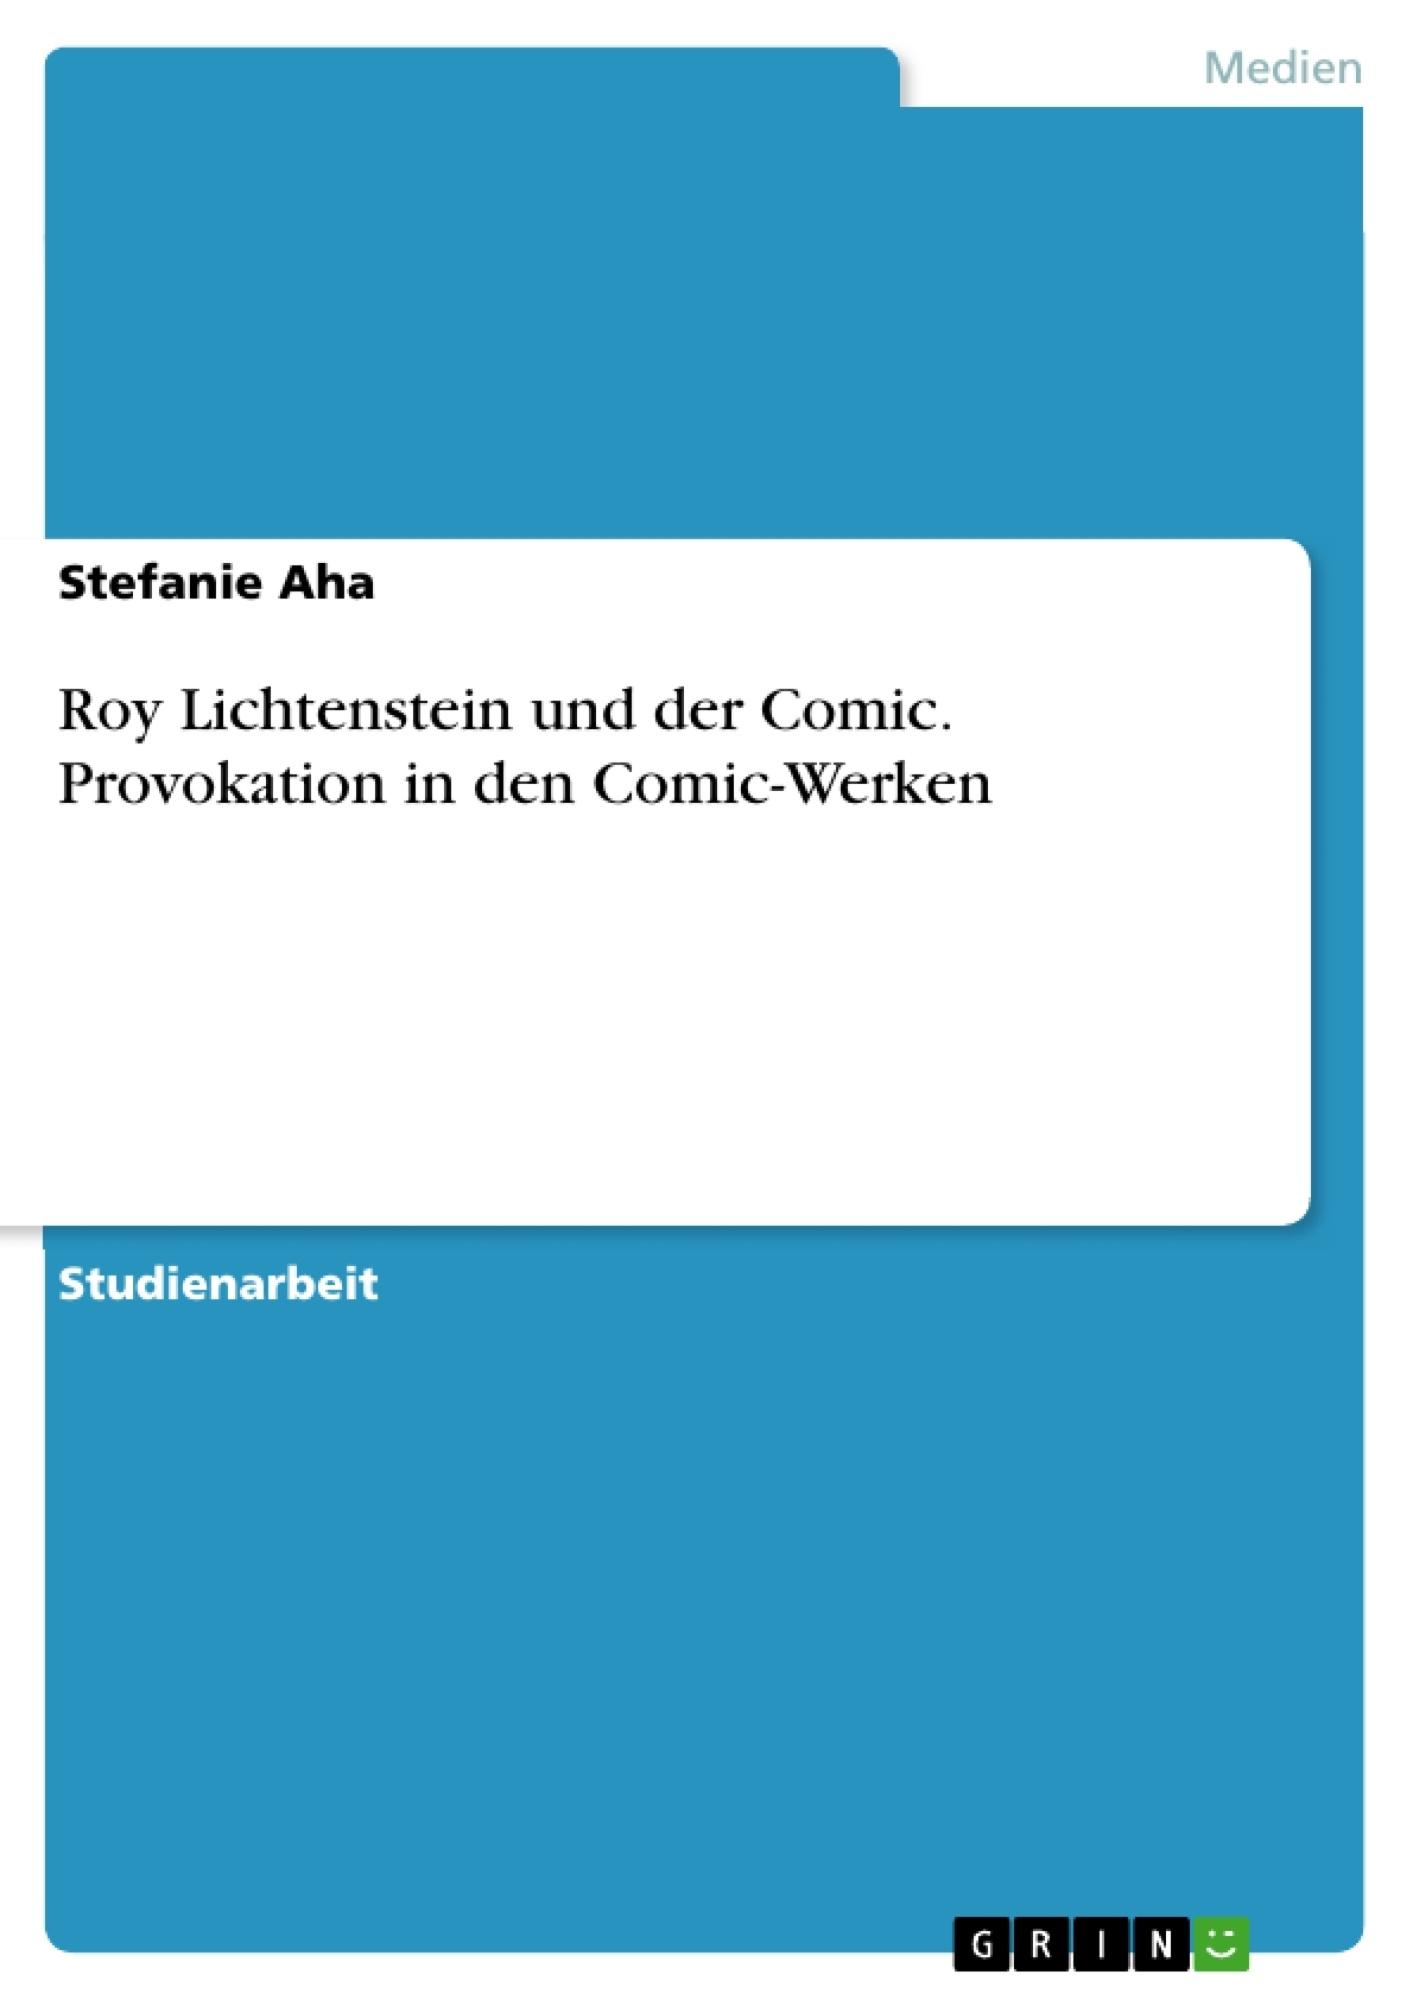 Titel: Roy Lichtenstein und der Comic. Provokation in den Comic-Werken